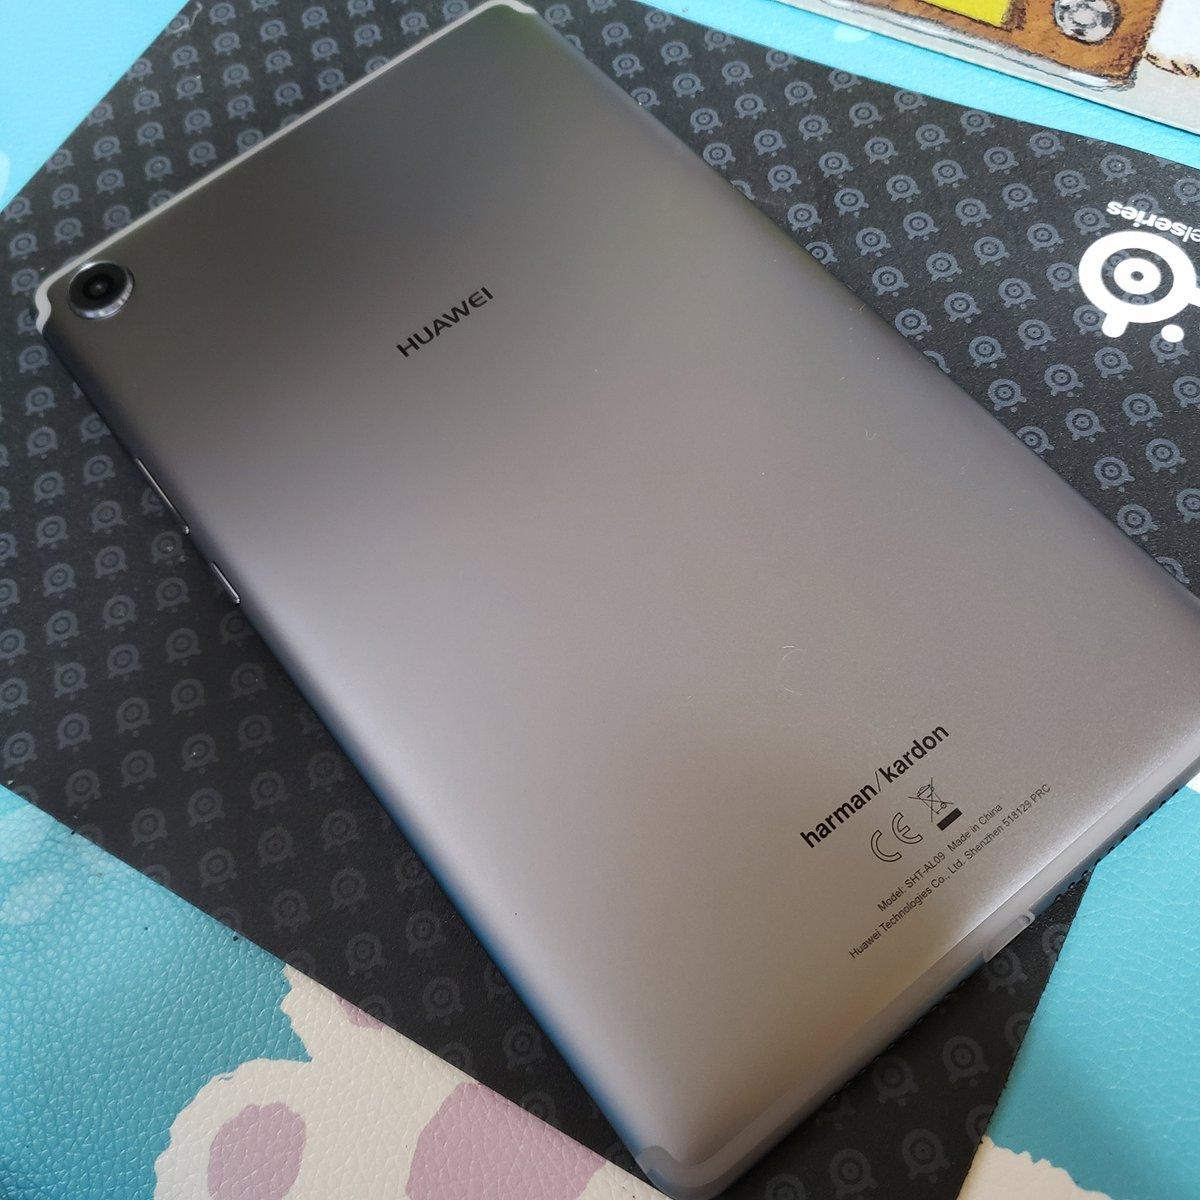 test ツイッターメディア - 8インチタブレット最高! 毎日ナビで使ってる UQモバイルもサクサク~ ゲームも全部これに移した 33000円くらいだった いいんだよこれくらいで!w 50000円以上とかやだよ  Huawei Mediapad M5 8.4インチです! https://t.co/04QEoYwSKH